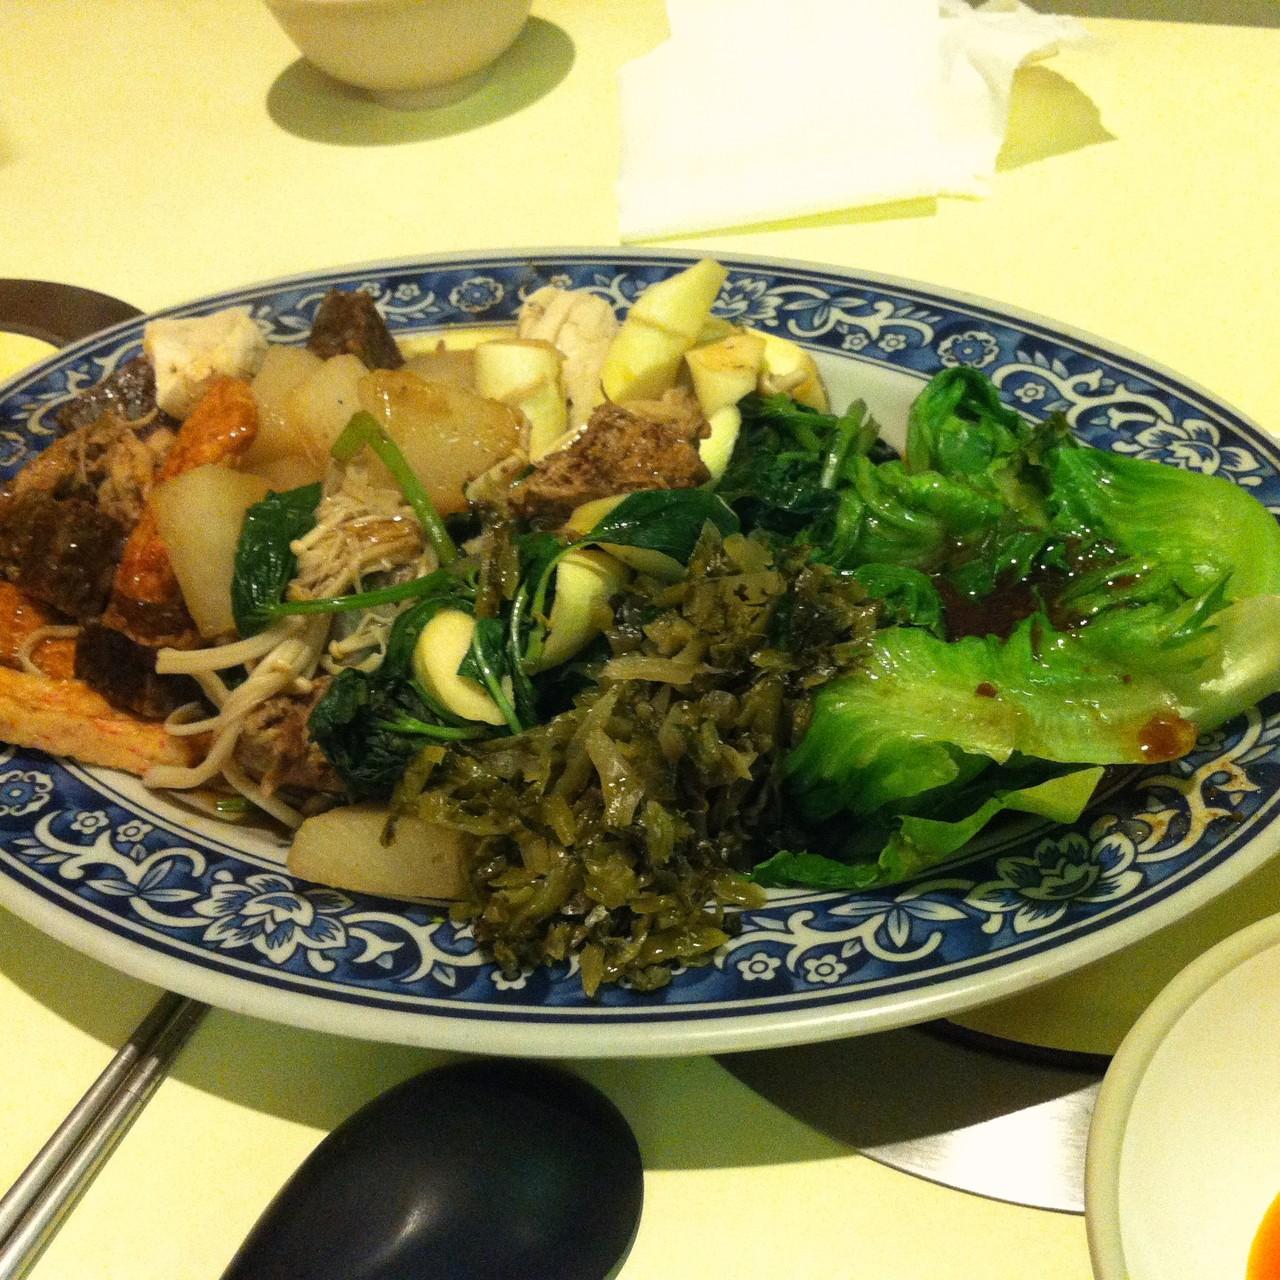 お気楽な「地域の食堂」という感じのしなびた菜食店も多く、安価で鍋物、麺類など色々なものが食べれて、お腹もいっぱいになる。